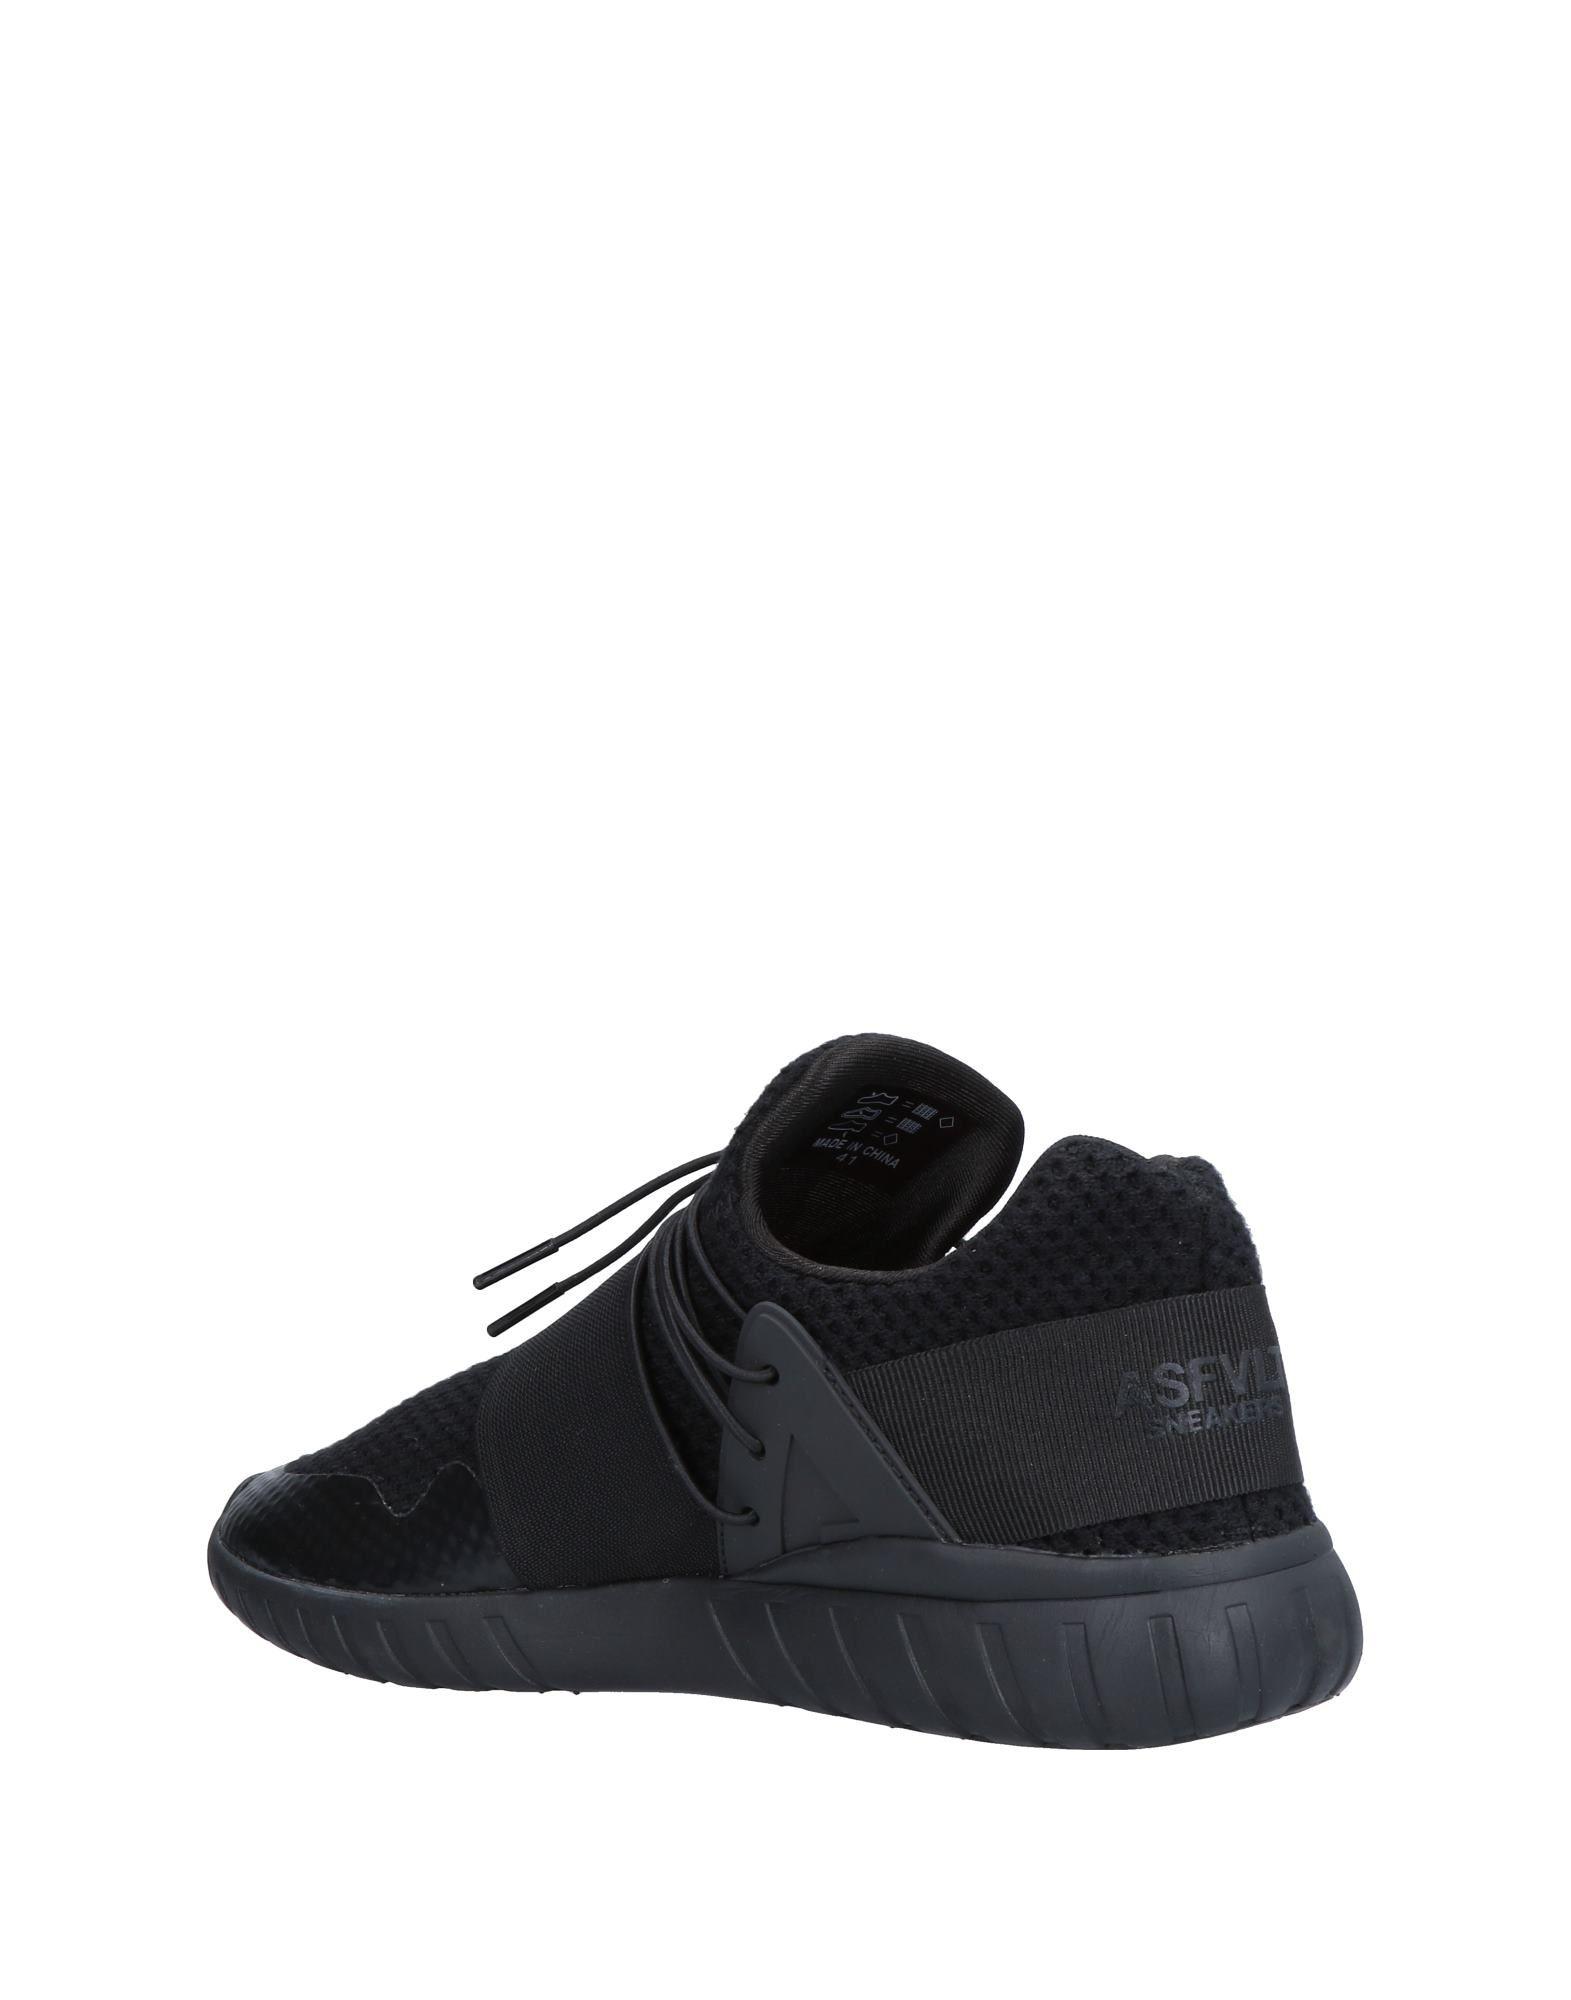 Asfvlt Sneakers Herren  Schuhe 11506699JE Heiße Schuhe  d2b2f9